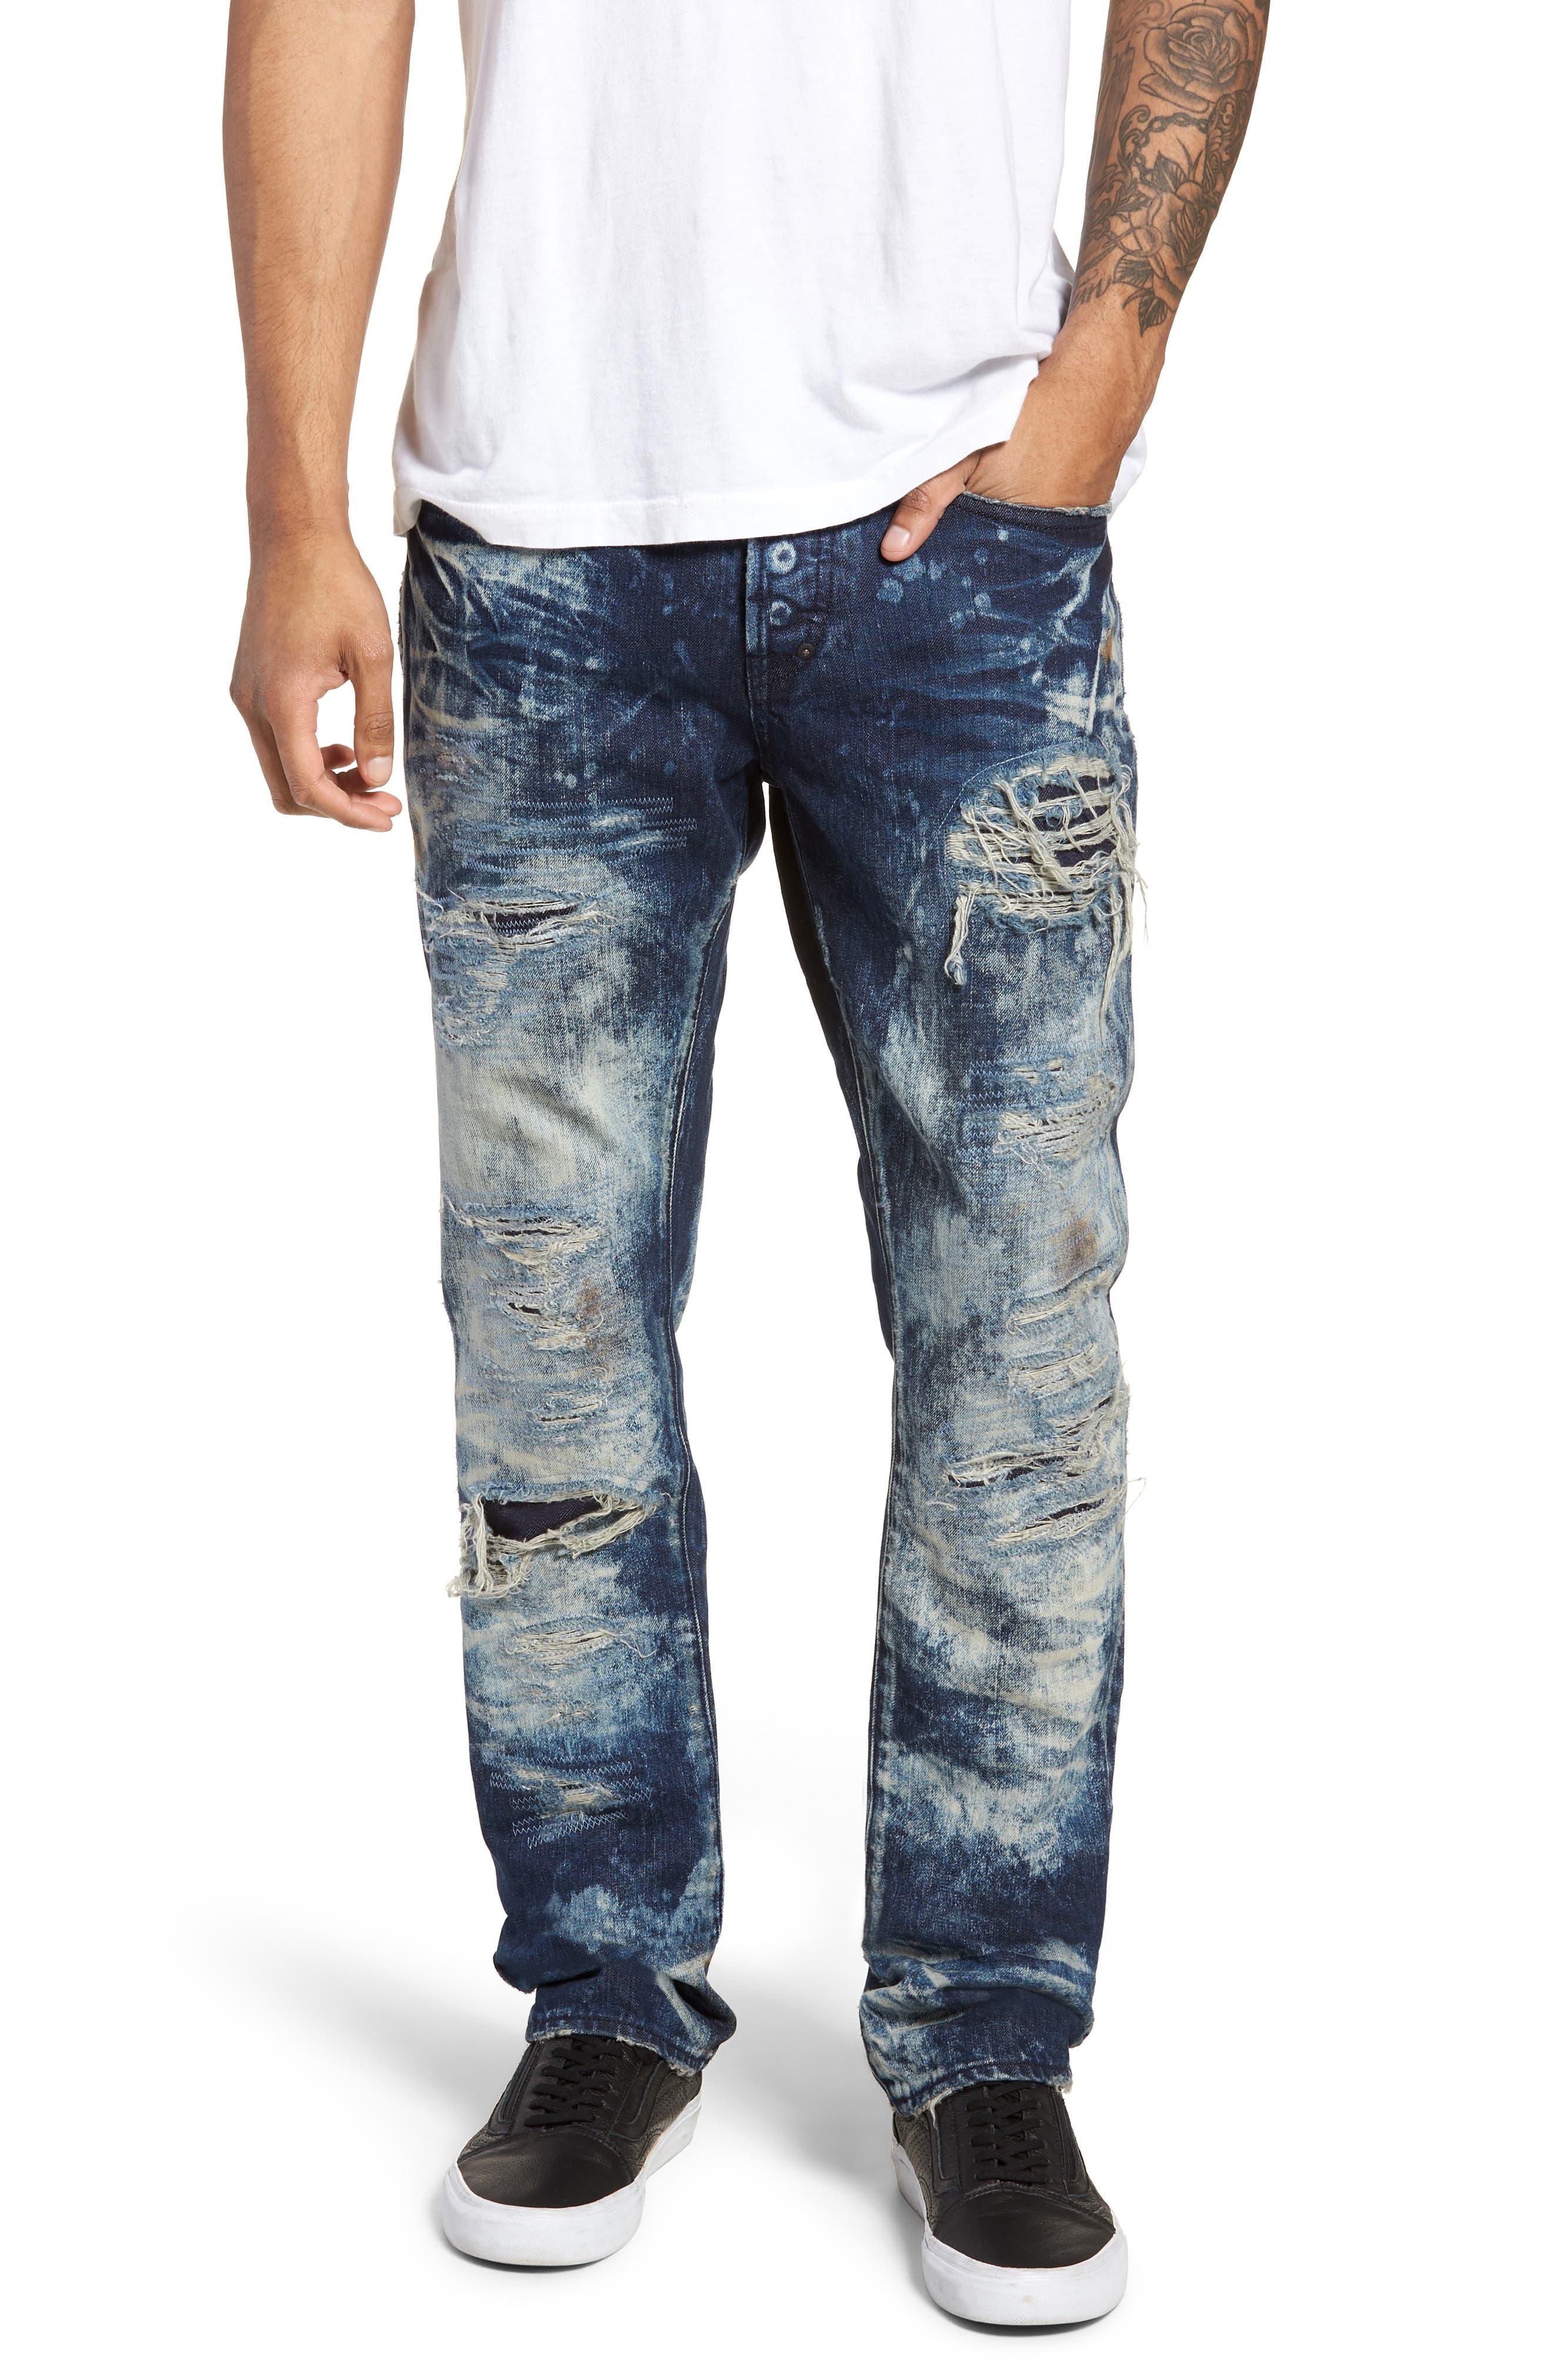 Le Sabre Slim Fit Jeans,                         Main,                         color, Consolation